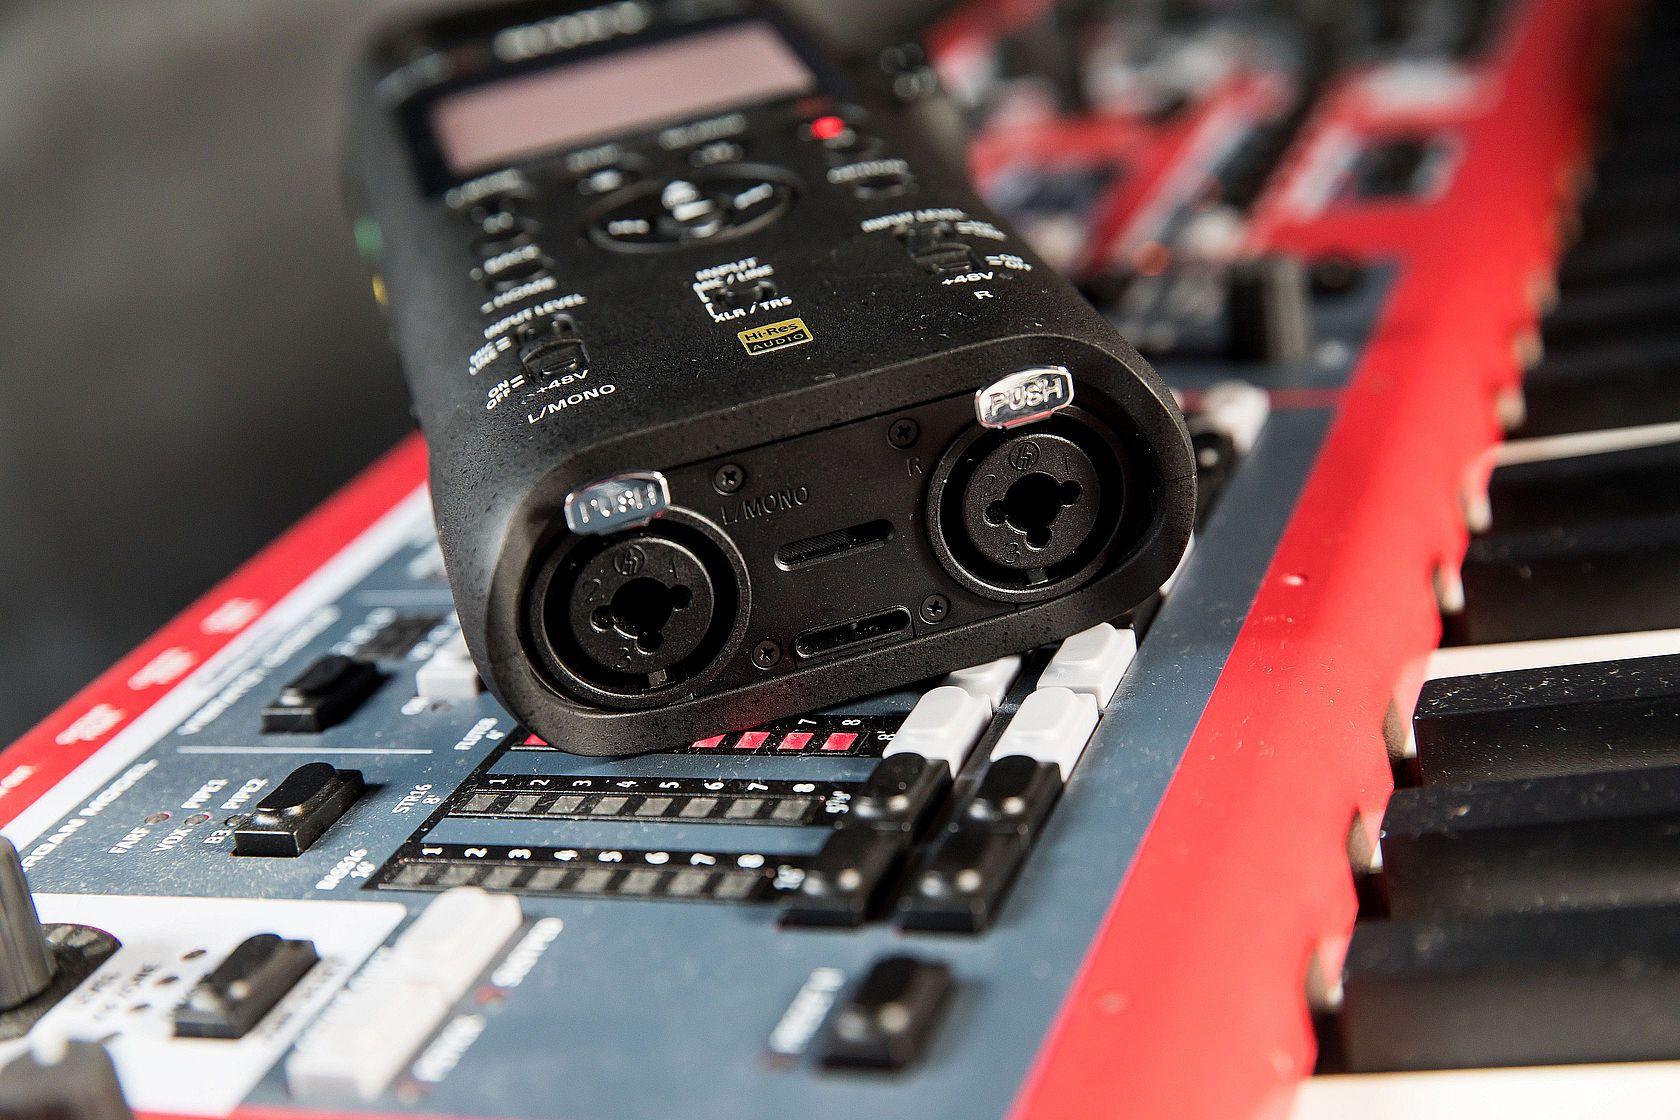 PCM-D10 因支援 48V 幻象電源,可外接各種動圈式與電容式麥克風,連耳機也能隨插即用,讓音樂人可以即時掌握錄音品質。